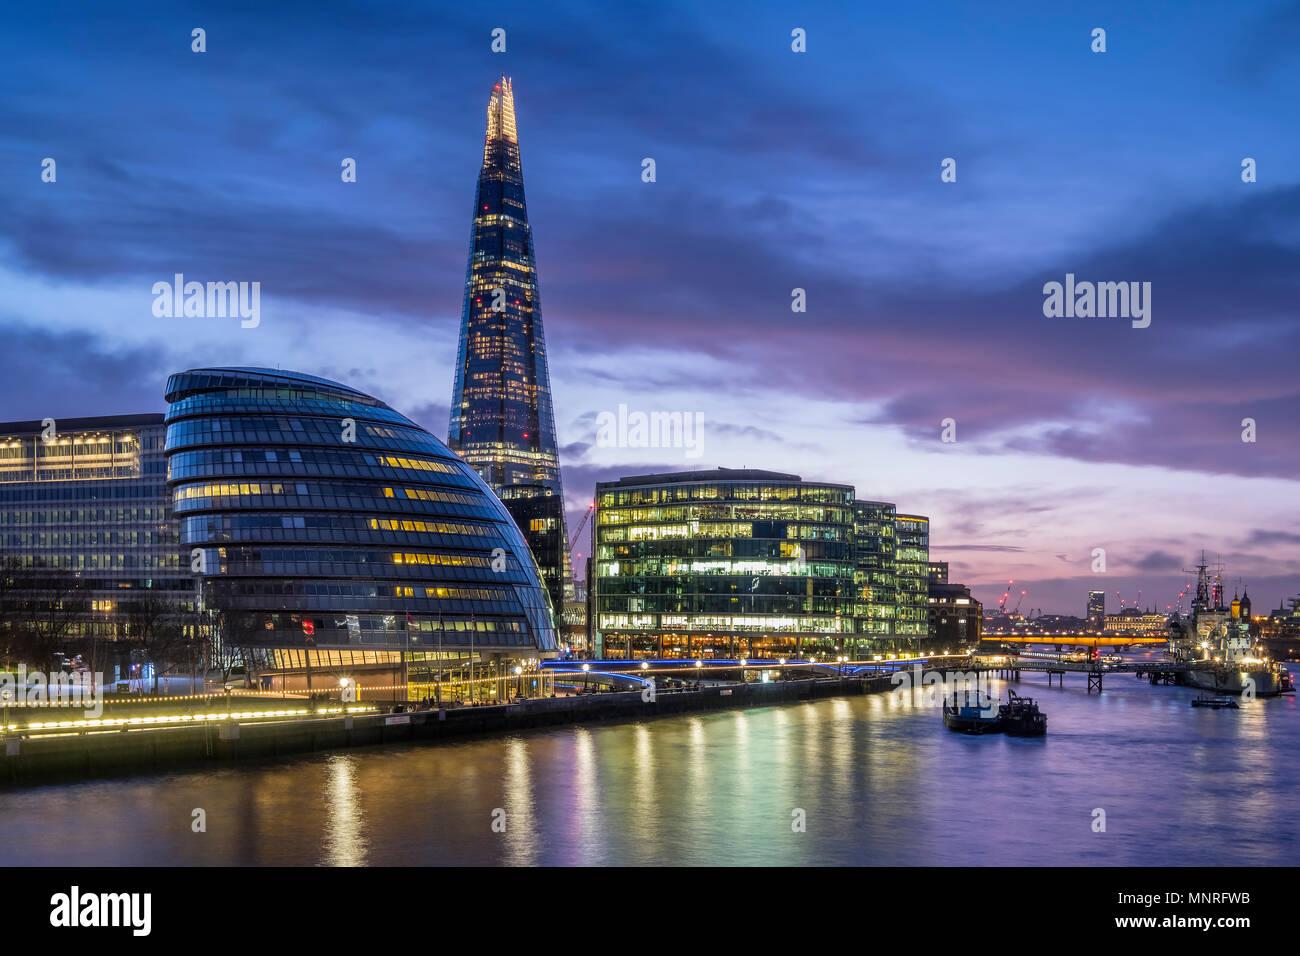 L'hôtel de ville, le Shard et tamise la nuit, Londres, Angleterre, Royaume-Uni Photo Stock